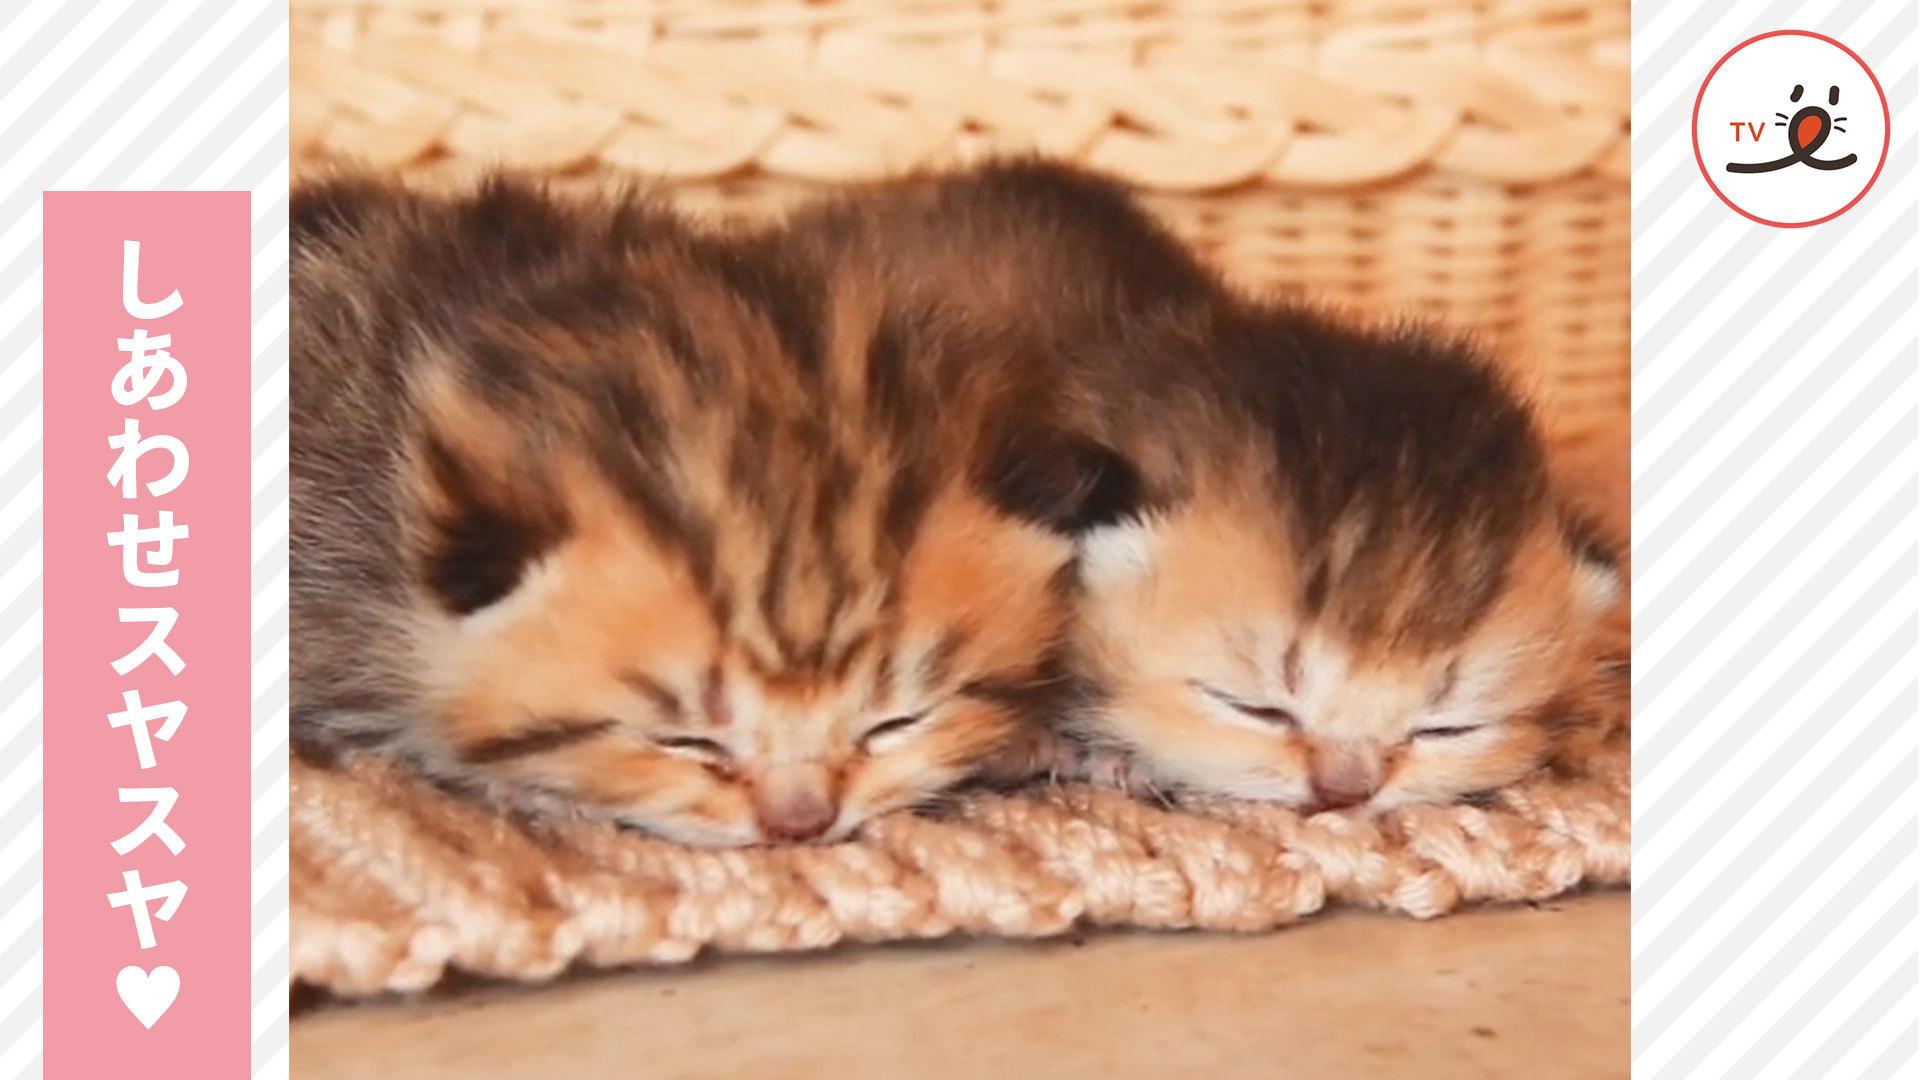 寄り添って眠る2匹の子猫ちゃん🐱❤️🐱 最高に幸せな寝顔だね🌟